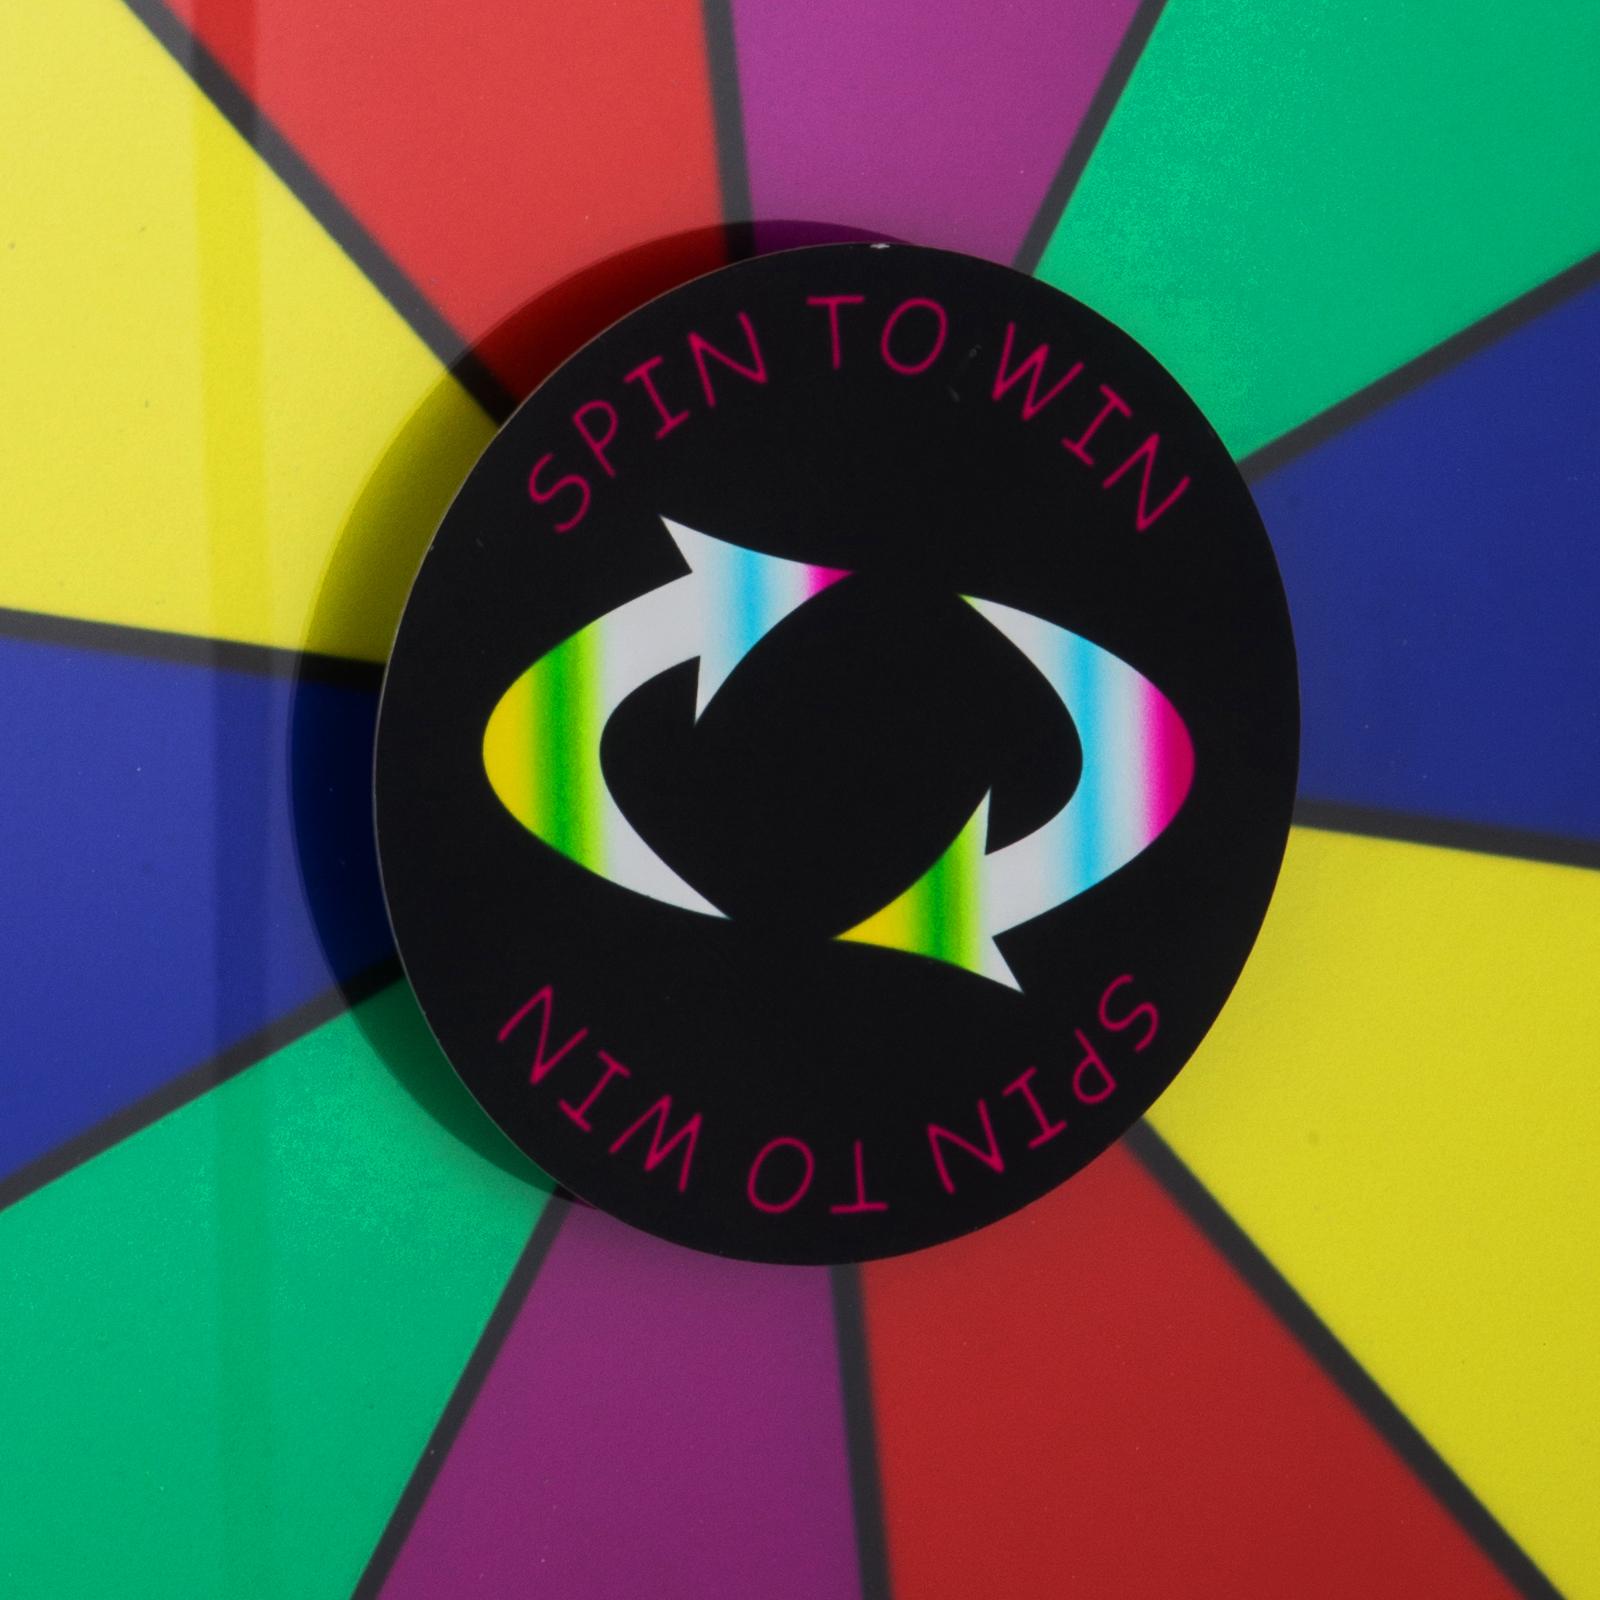 24-18-15-Ruota-Della-Fortuna-di-Colore-14-Slots-Gioco-Spin-Con-Supporto-Festa miniatura 32